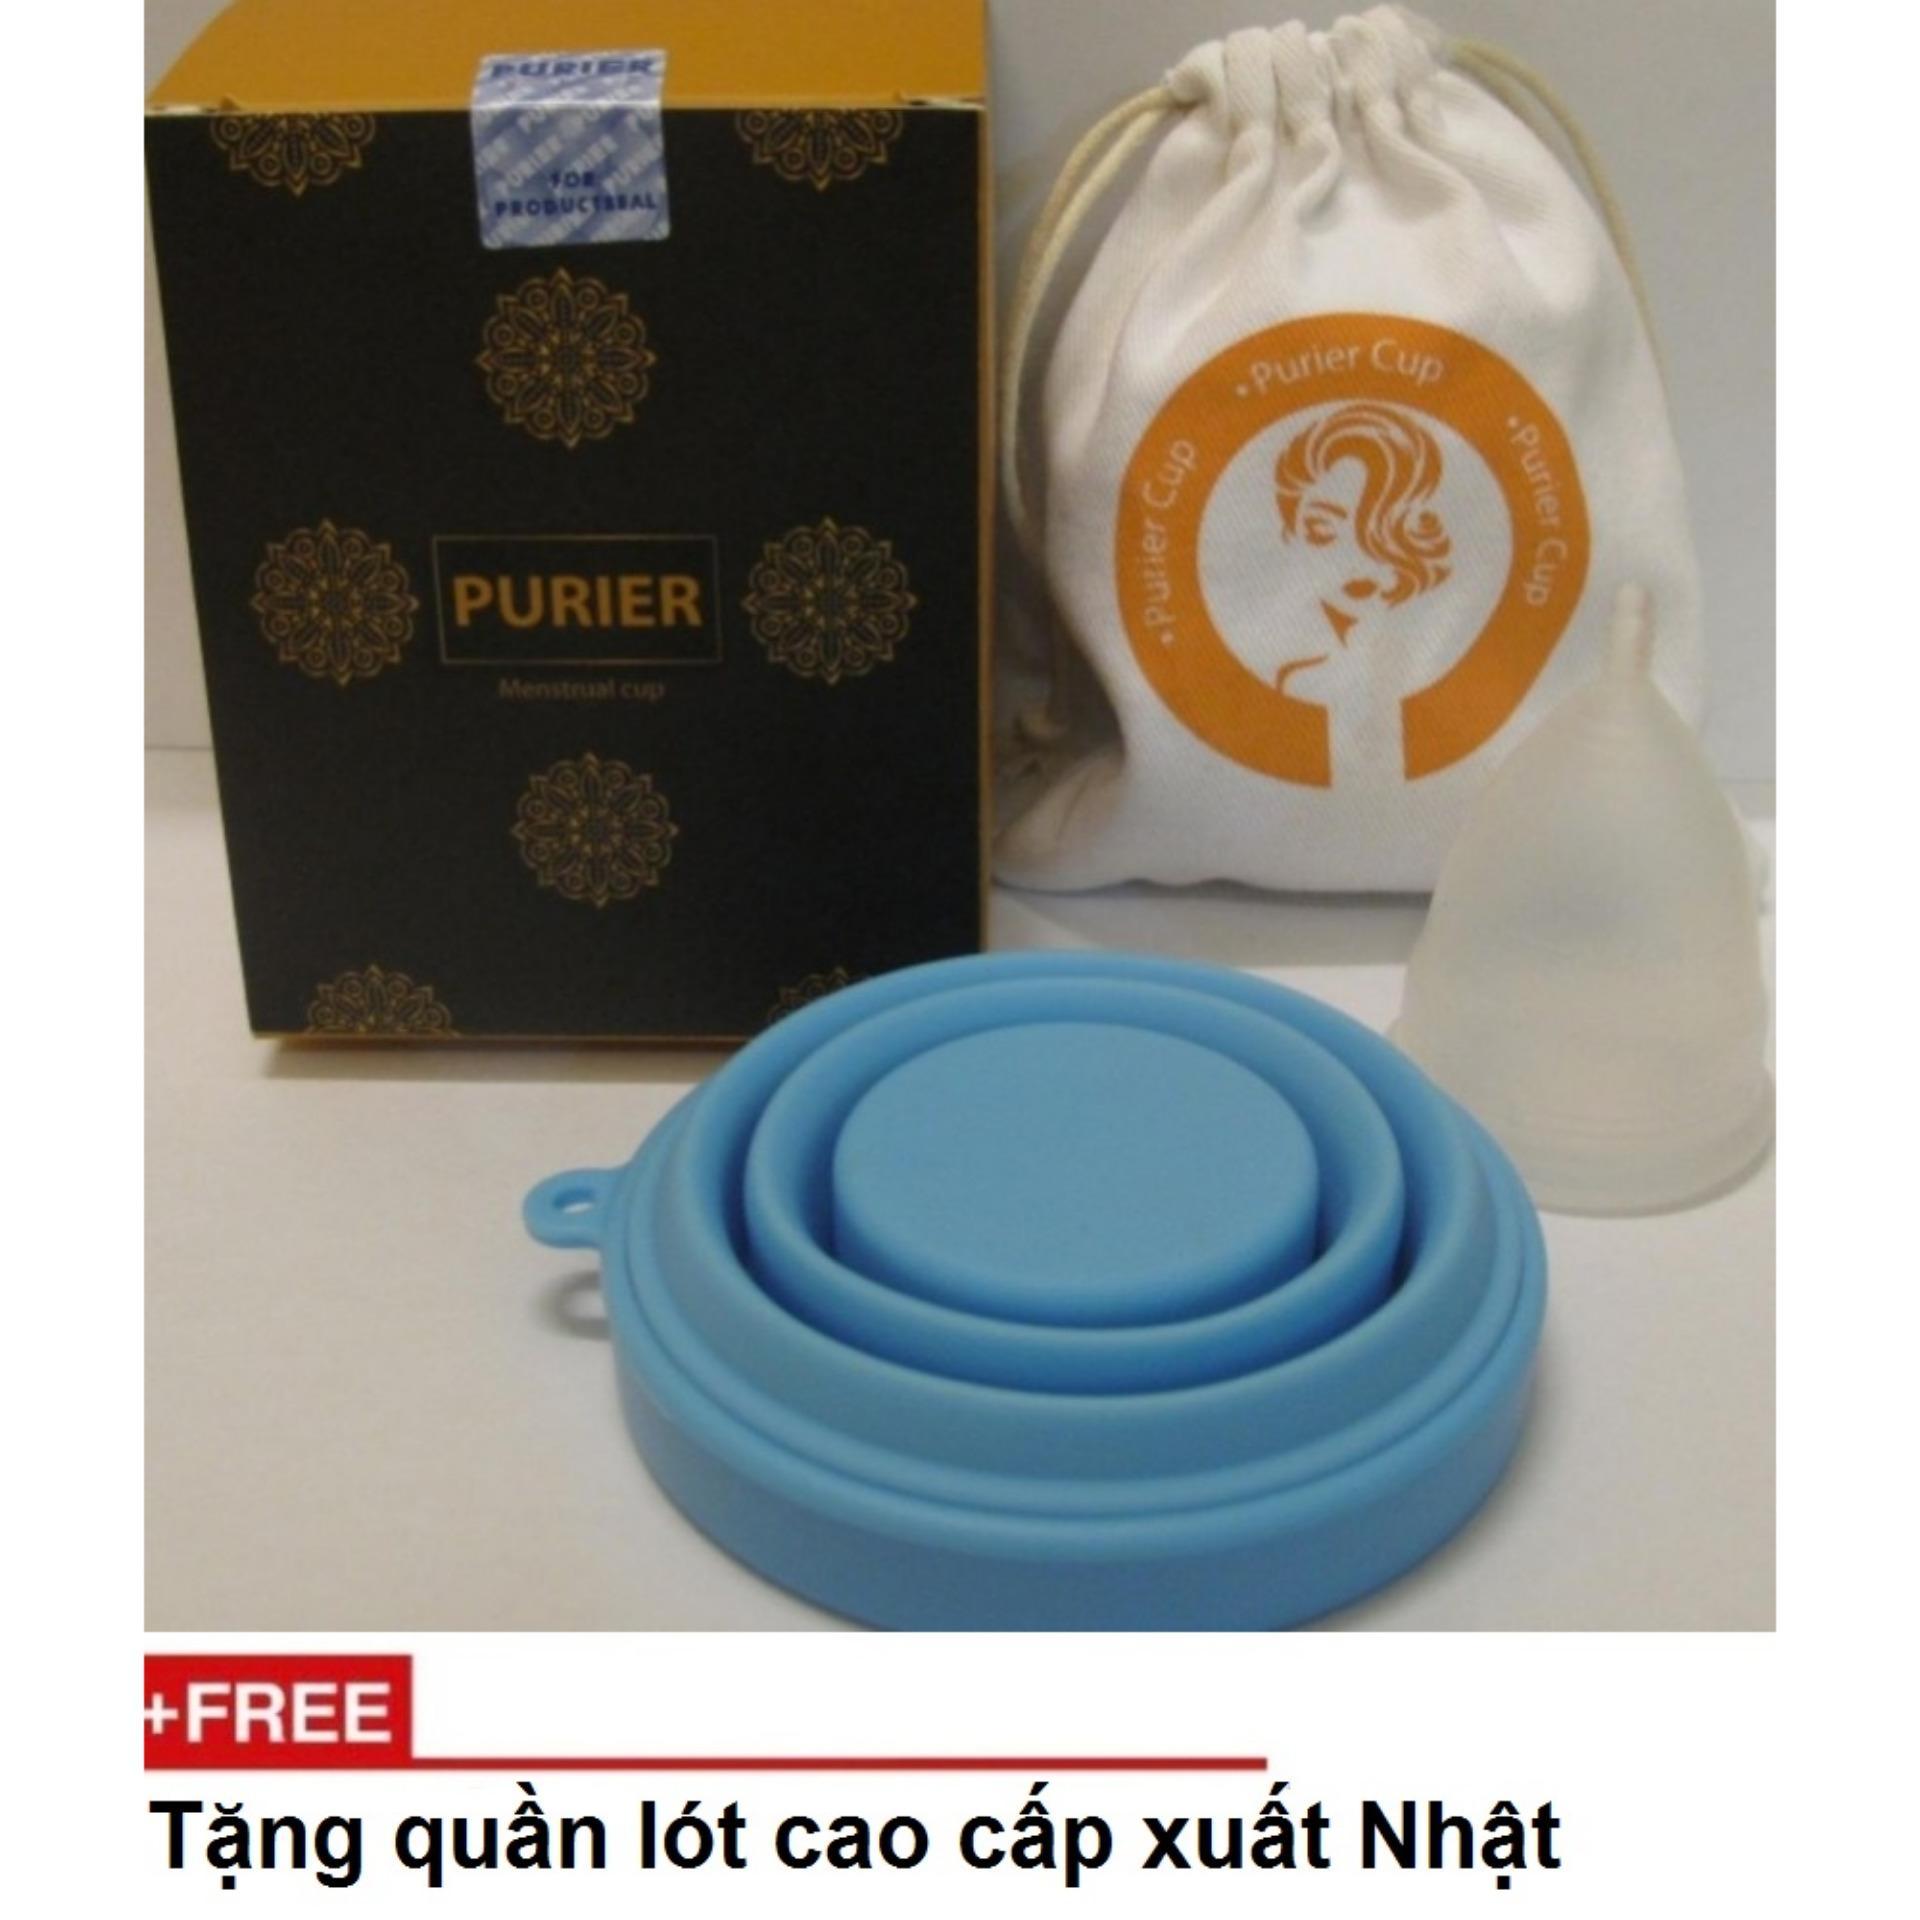 Cốc nguyệt san PURIER + cốc tiệt trùng + túi đựng